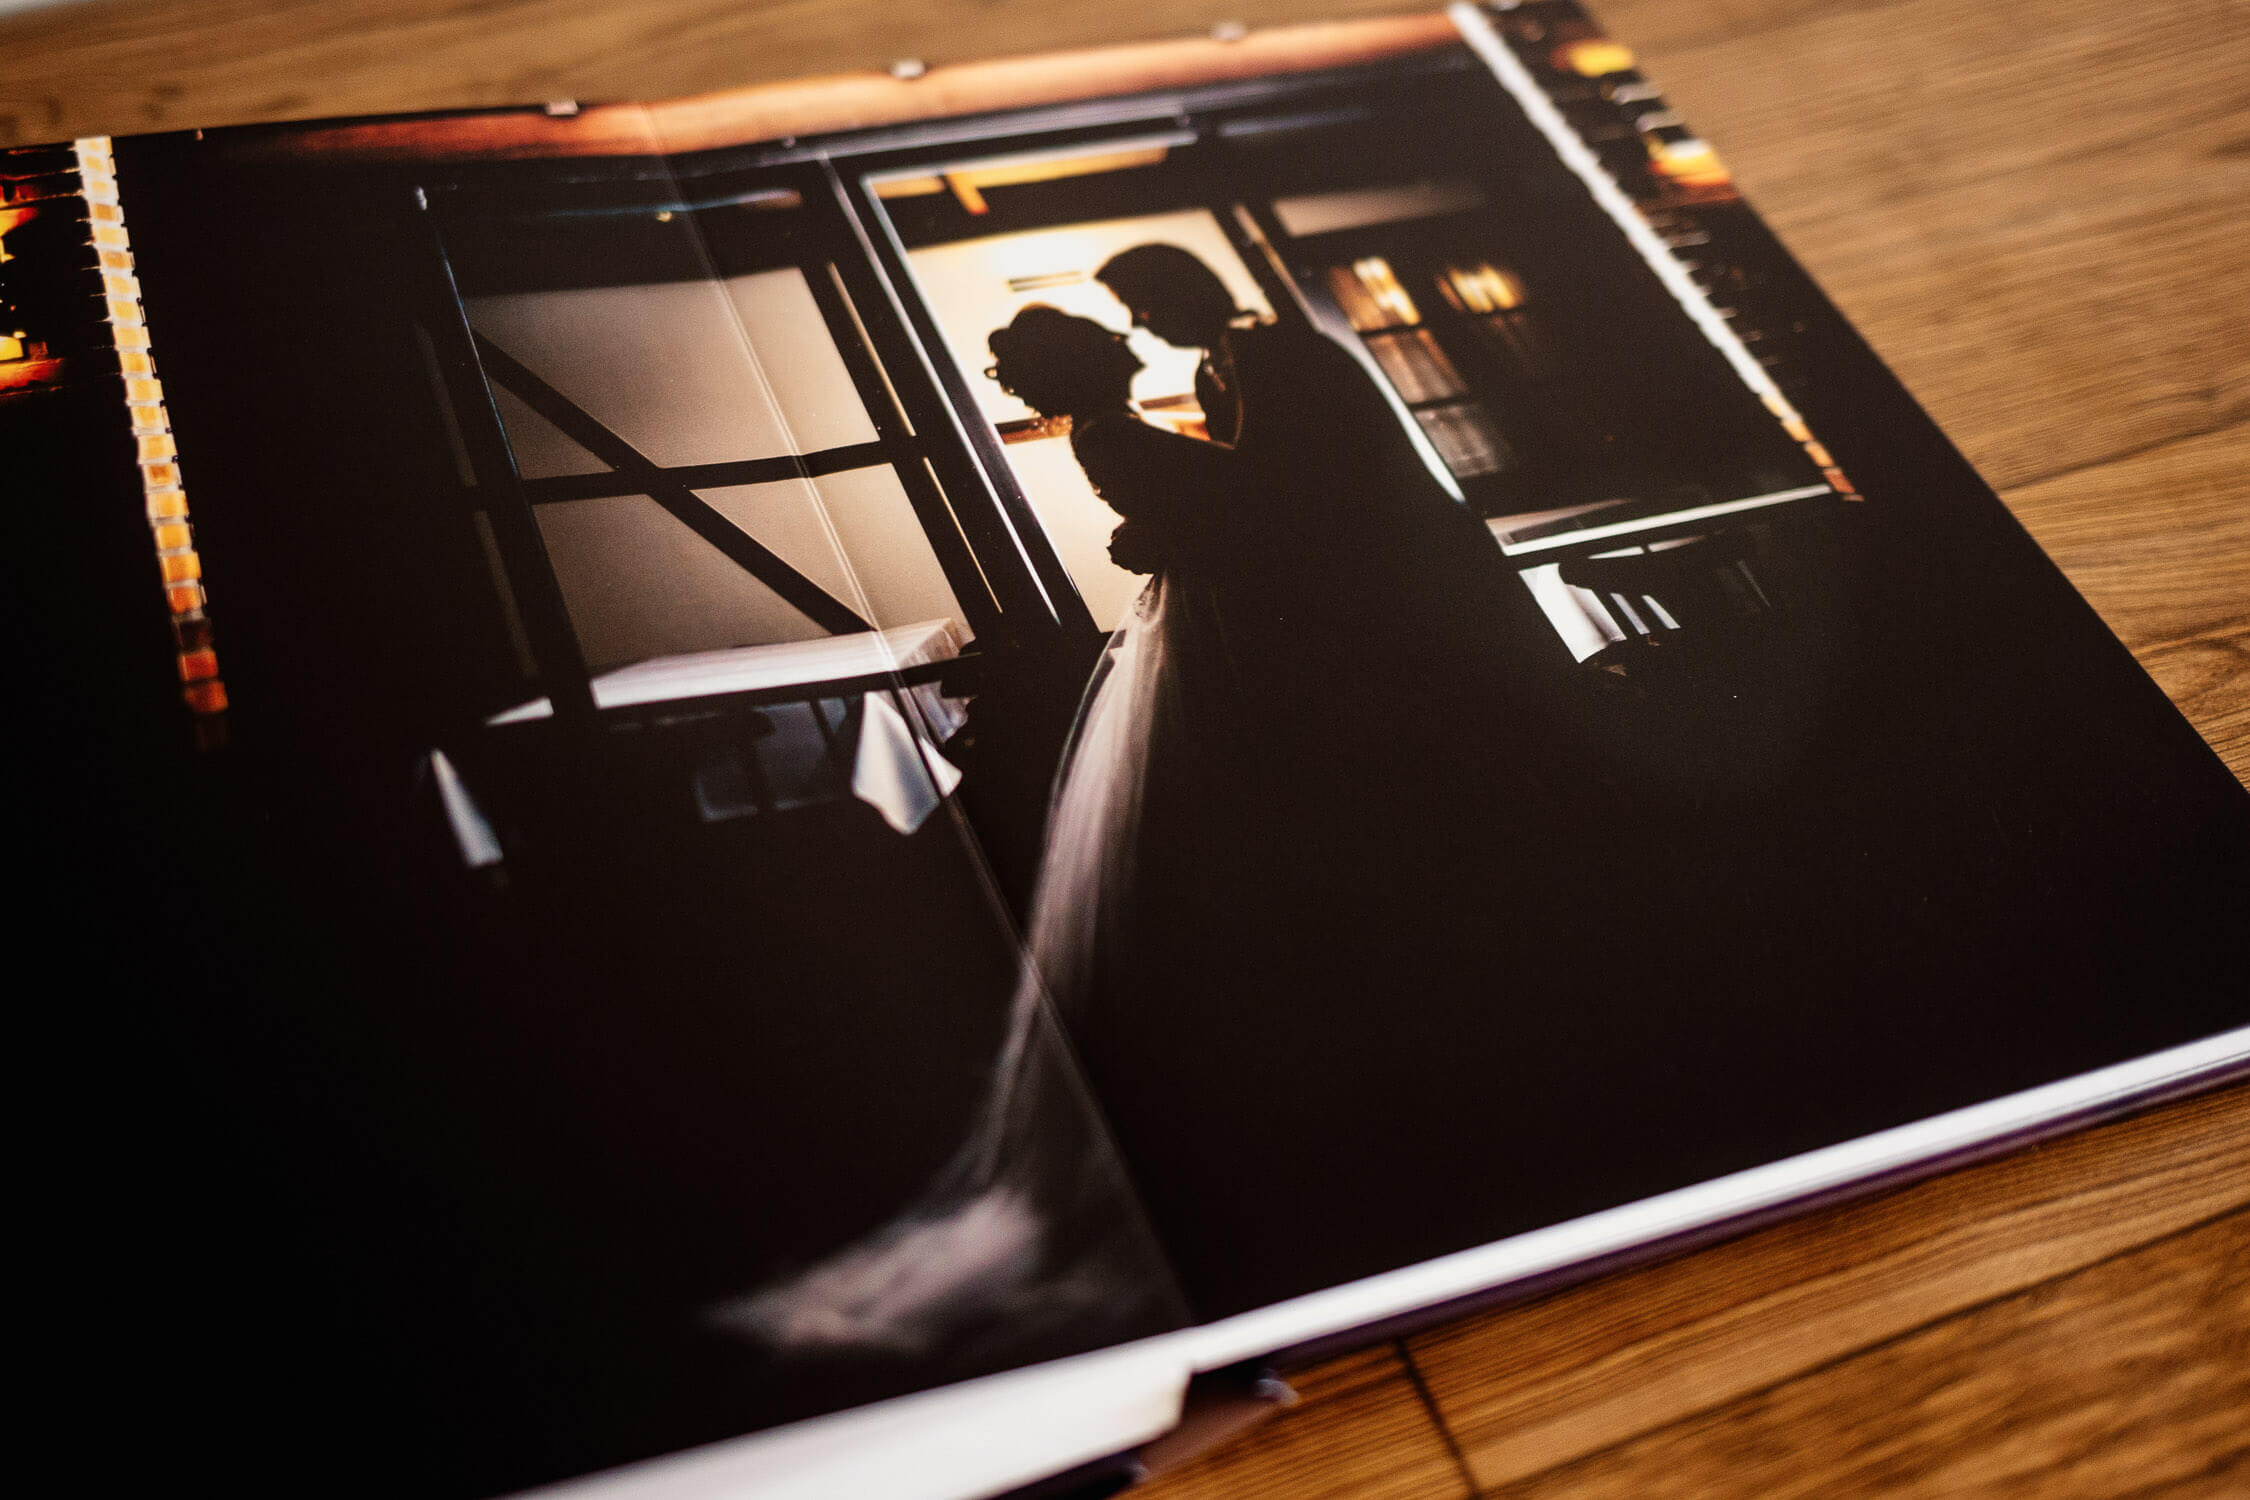 albuns-casamento-fotografia-ensaio-noivos-familia-weddingbook-photography-travel-photobook-6